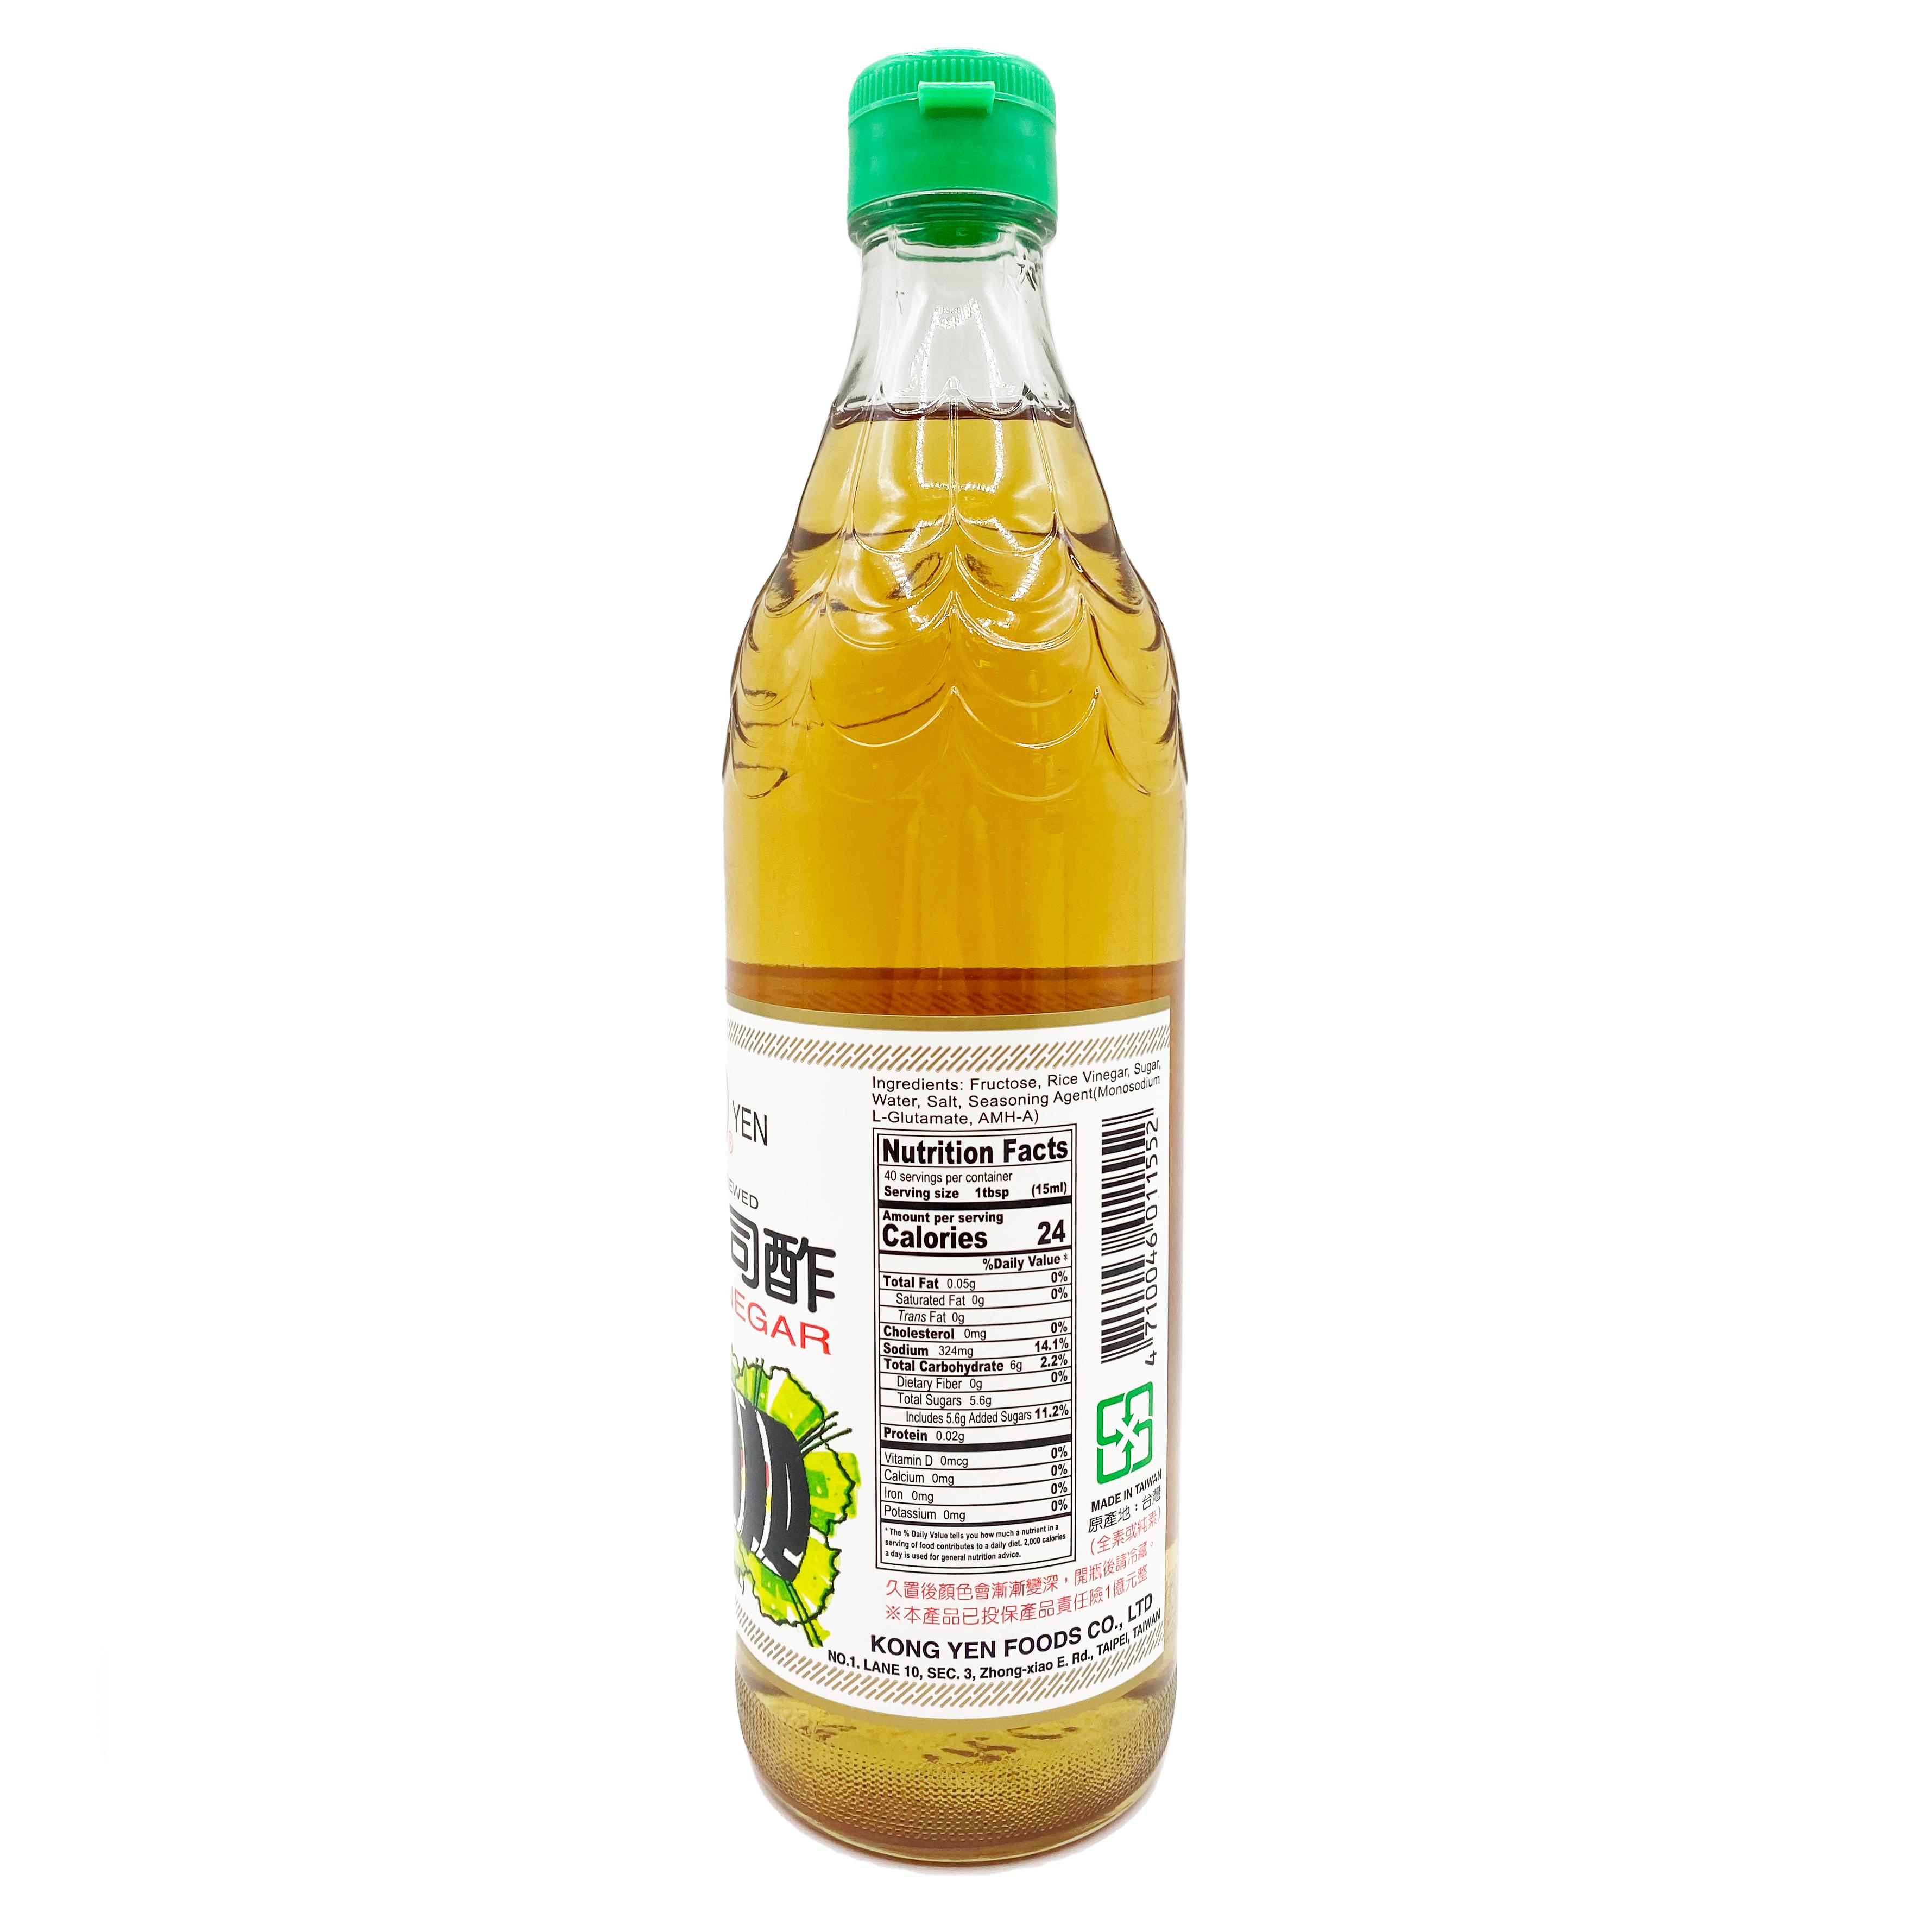 medium kong yen sushi vinegar 202 fl